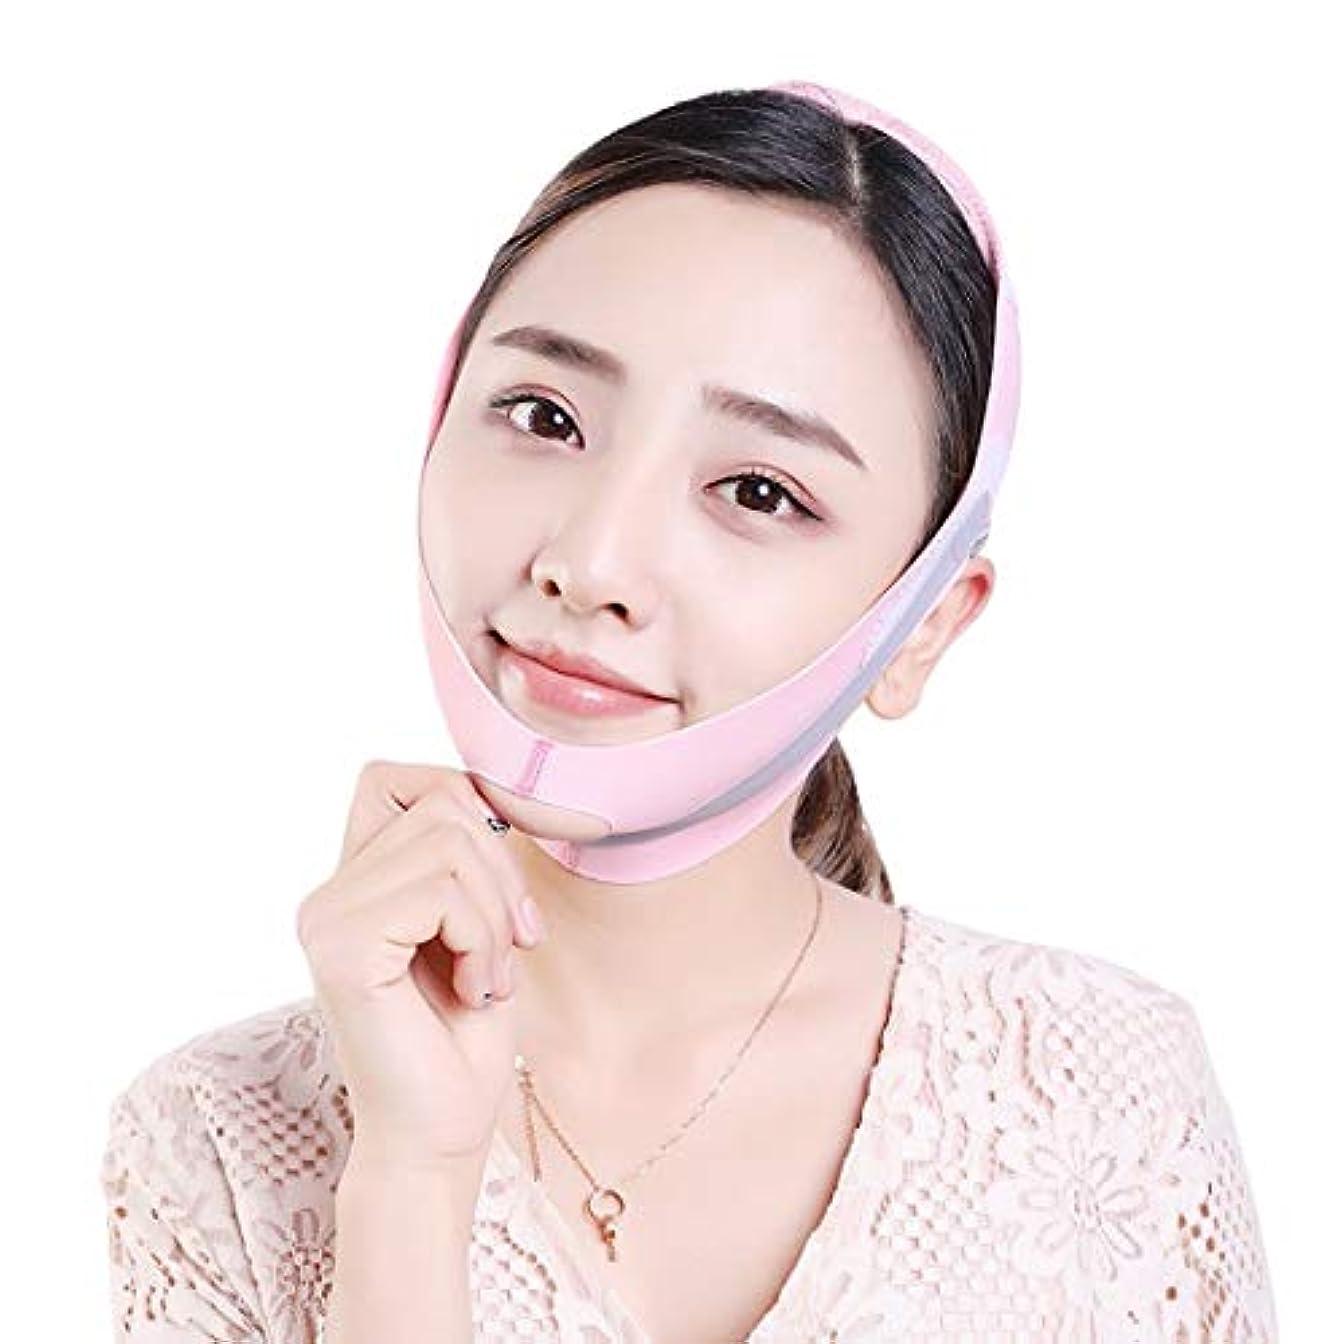 収縮ポルティコお誕生日ZWBD フェイスマスク, フェイスリフティング包帯二重あごの法令ライン美しさの肌を引き締め薄いフェイスマスク小さなV顔アーティファクト強力なフェイスリフティングデバイス